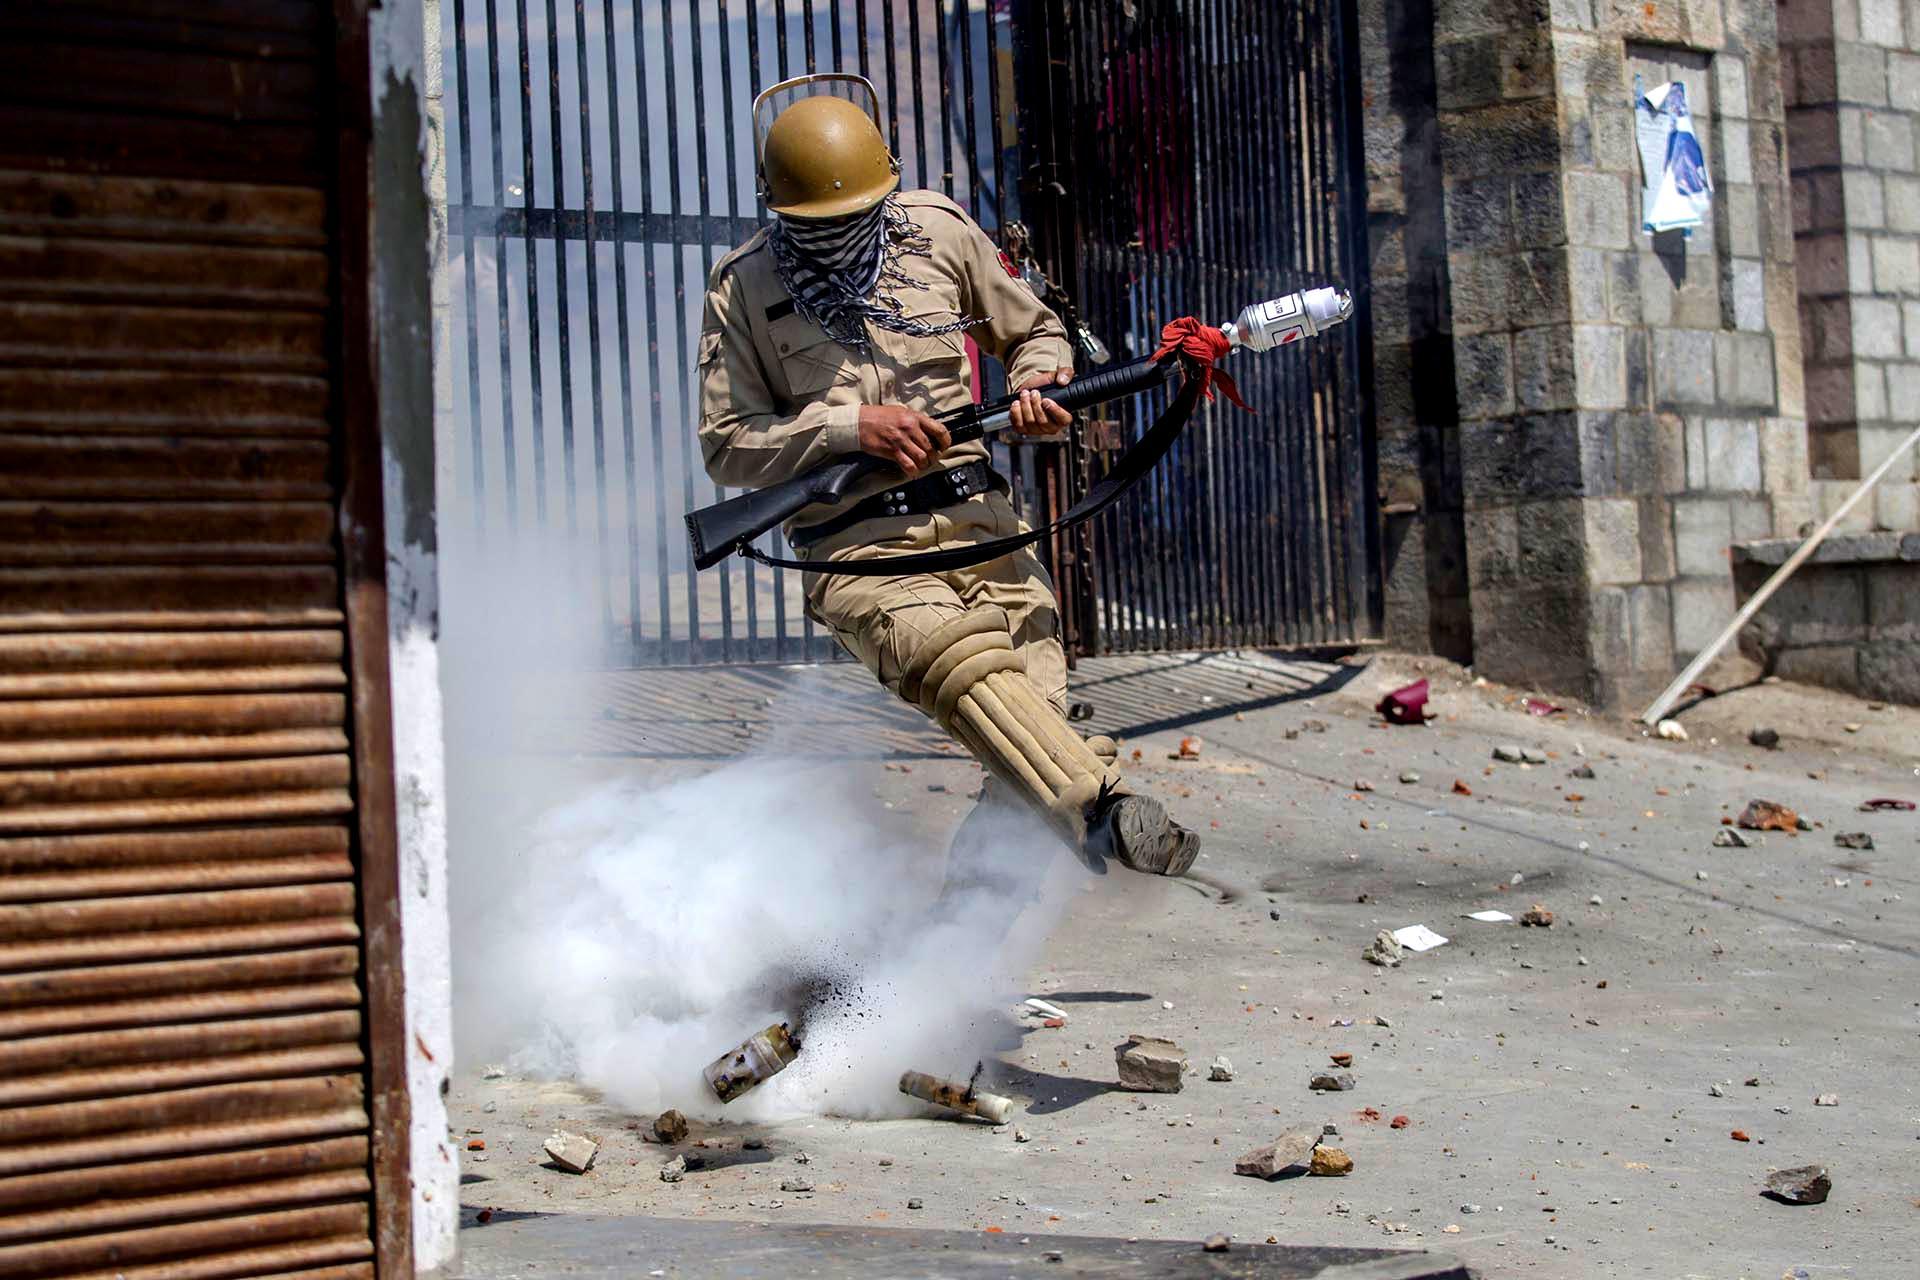 Un policía indio patea un proyectil de gas lacrimógeno en un intento de arrojarlo hacia los manifestantes en Srinagar, en el valle de Cachemira, controlado por la India